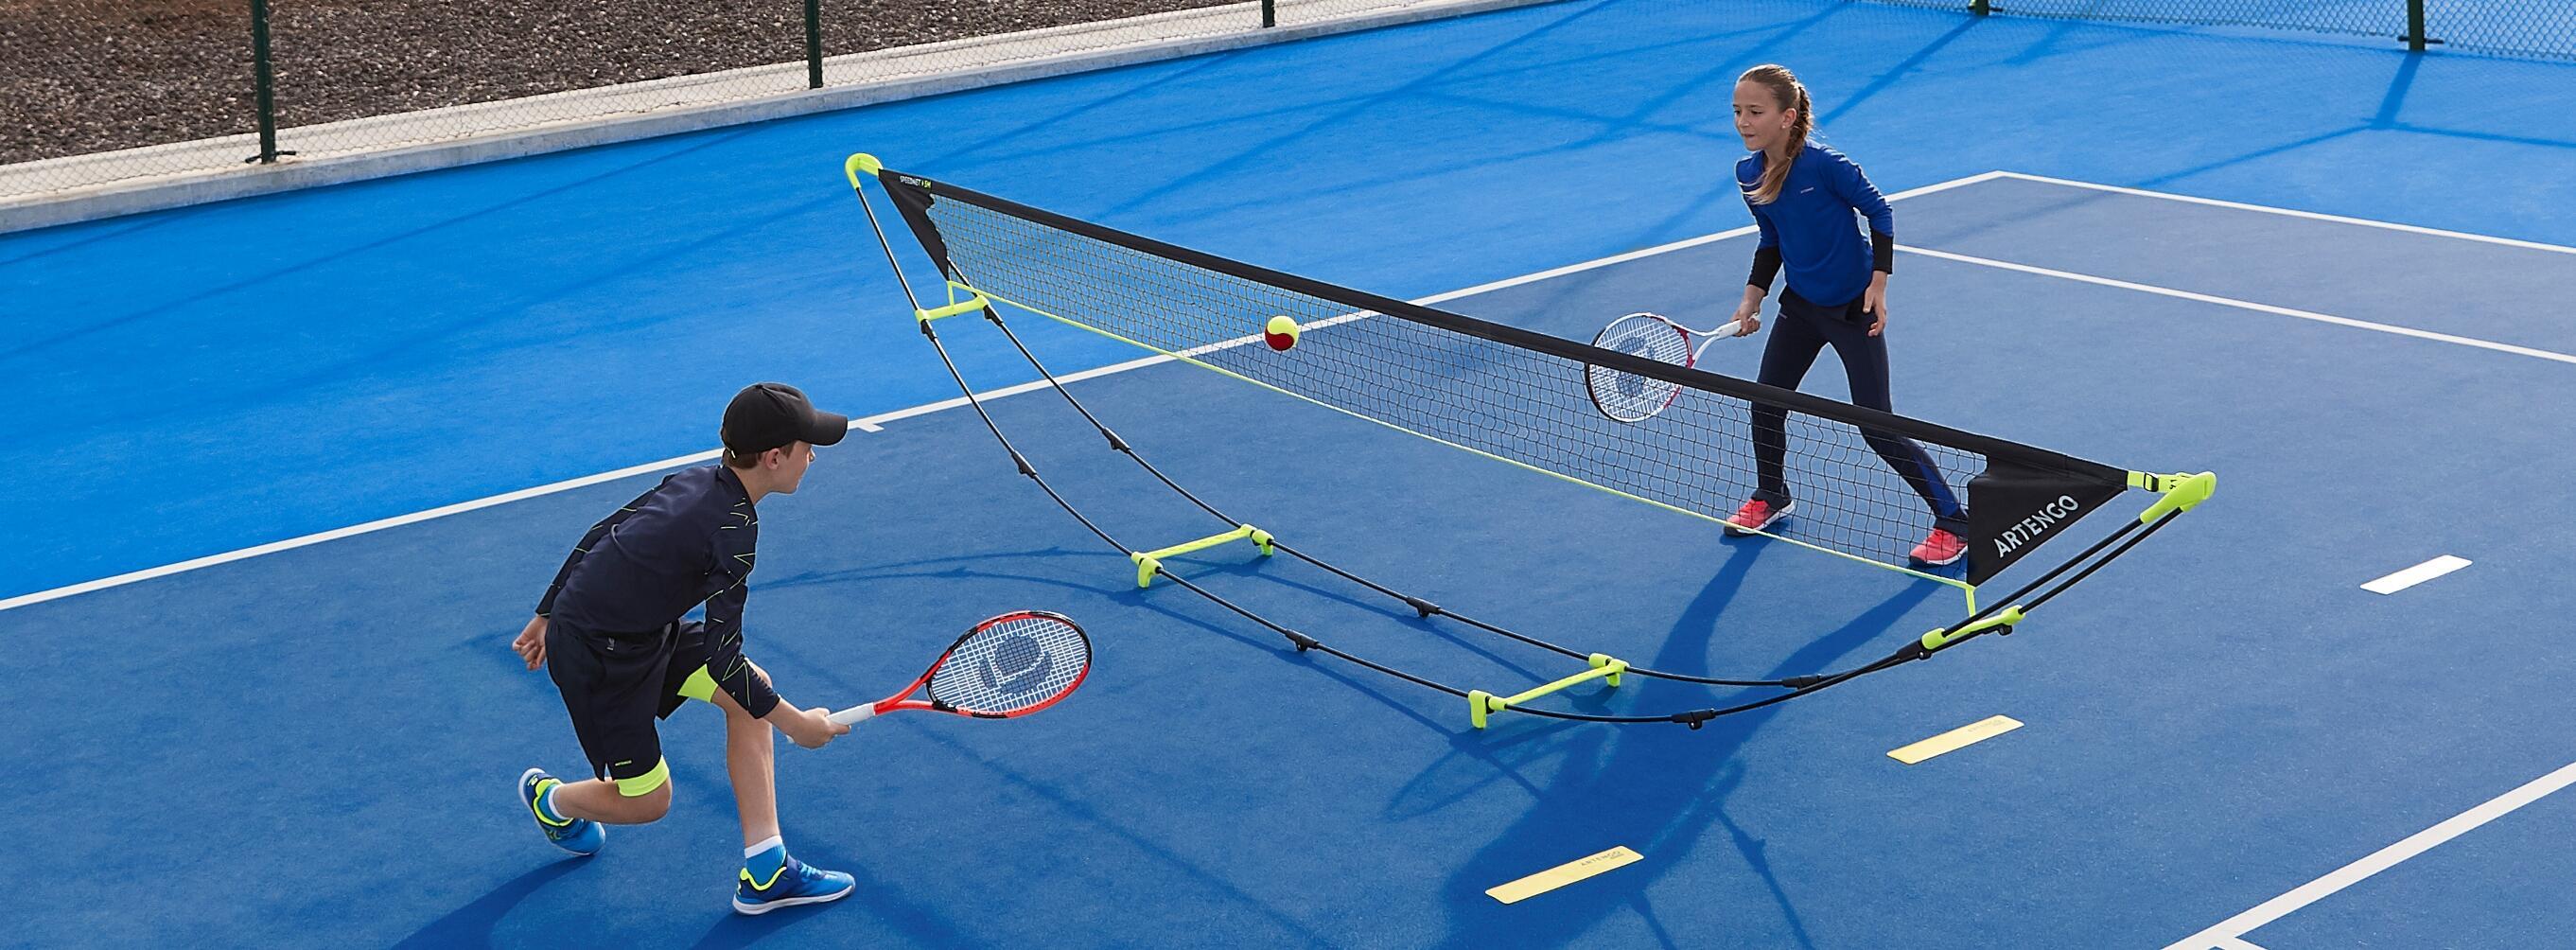 Tennismateriaal voor club